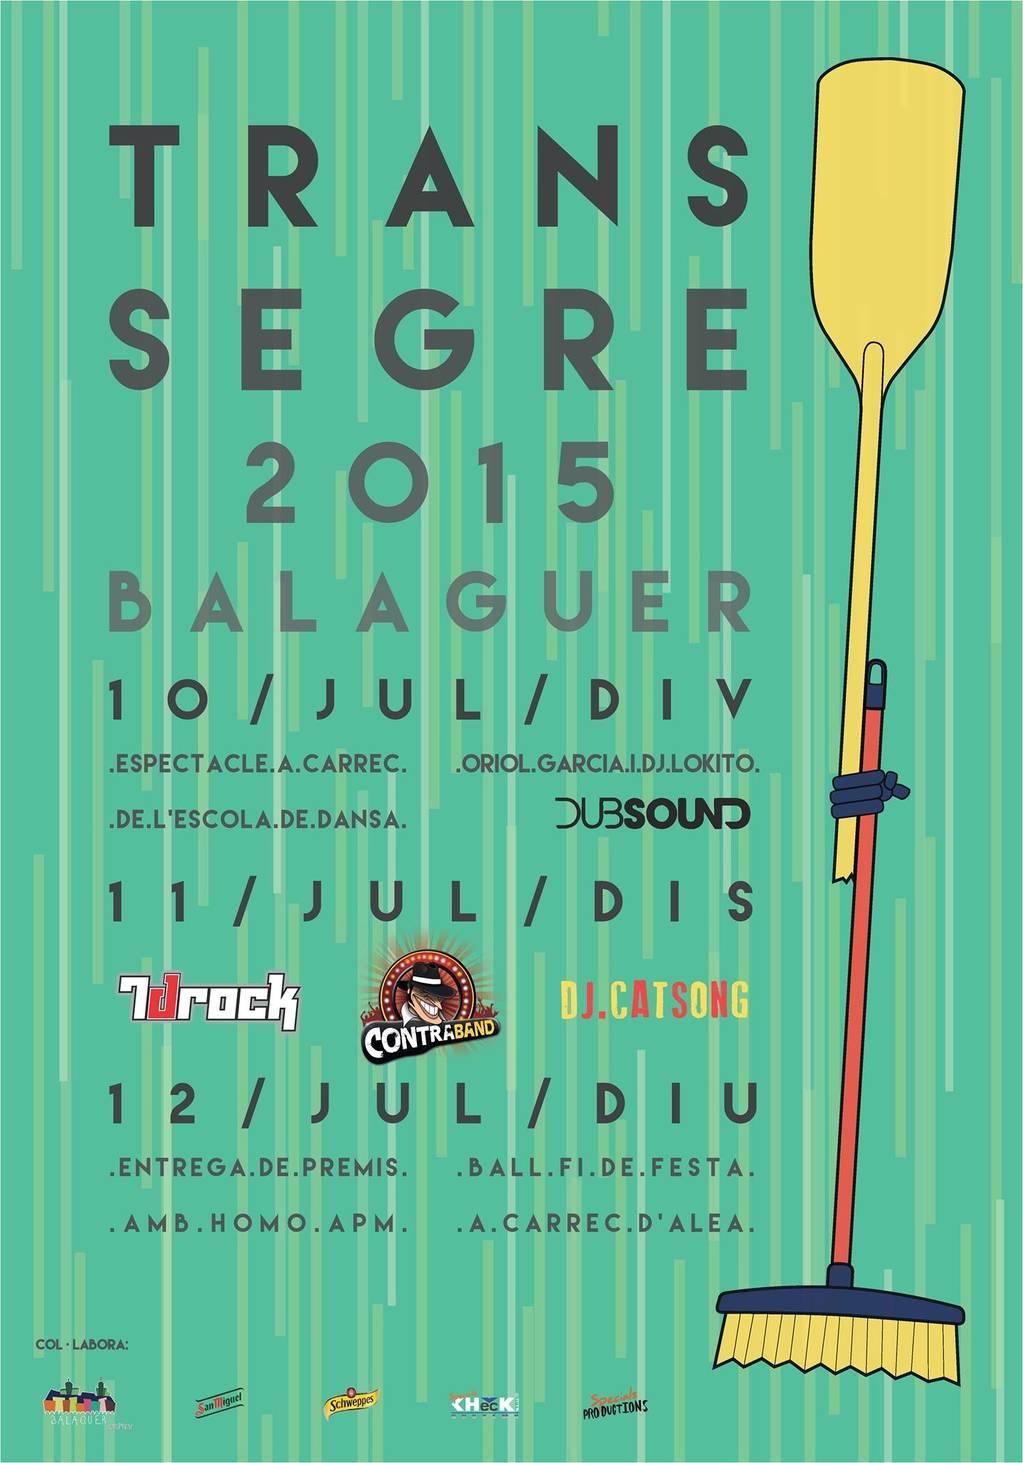 TRANSSEGRE 2015 - BALAGUER